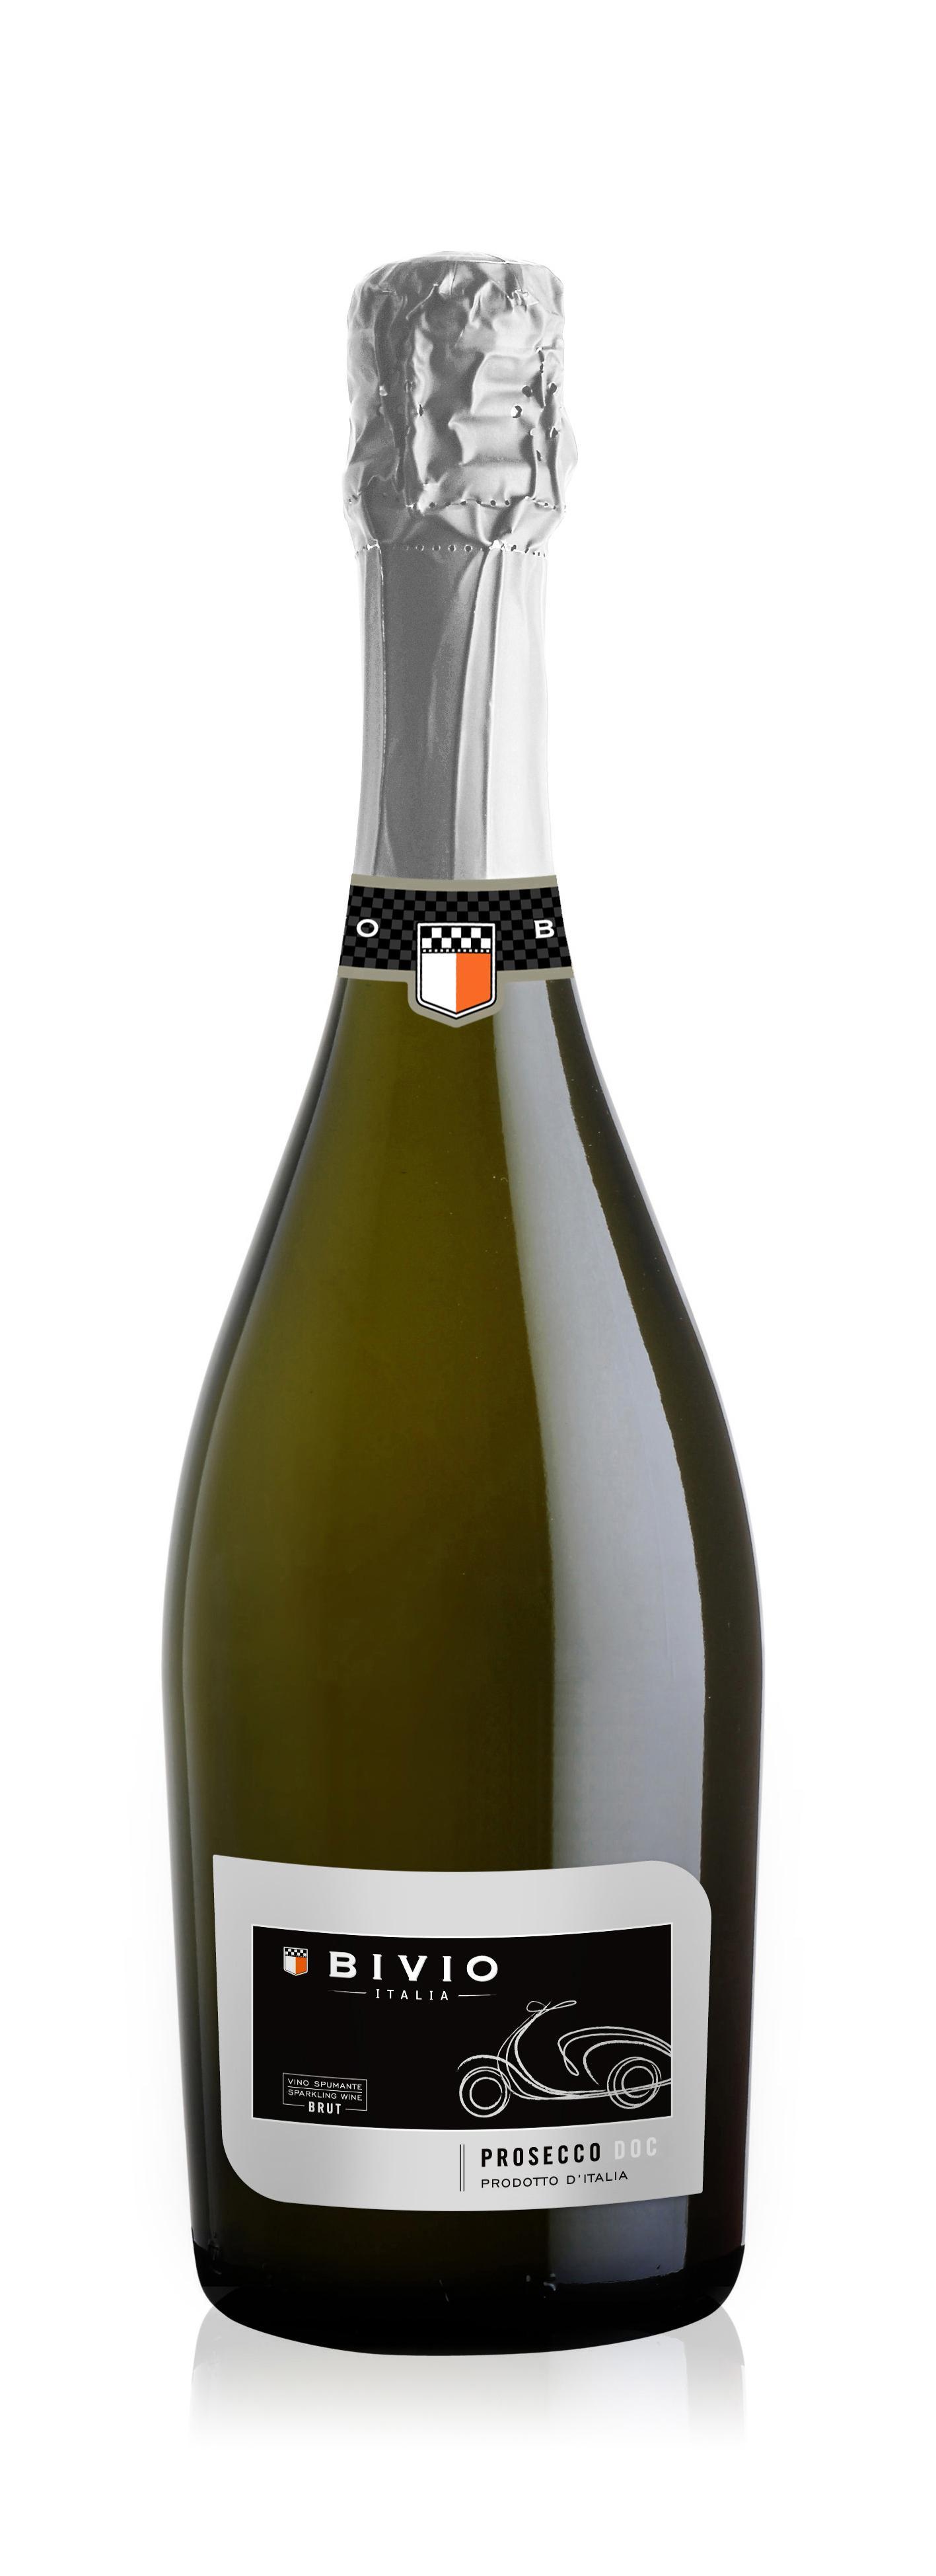 Bivio_Bottle-Shot_750ml_Prosecco